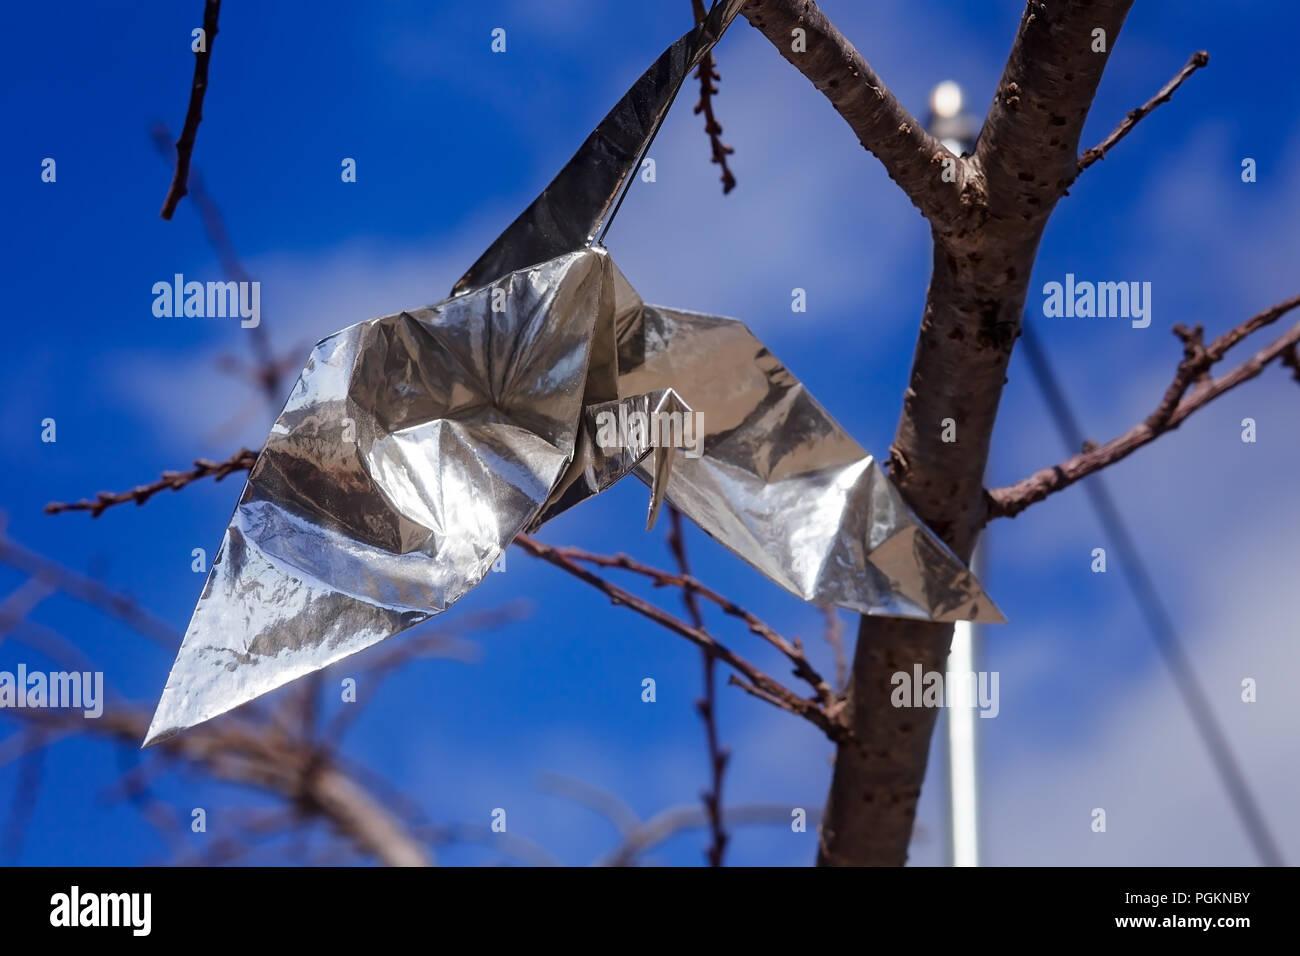 Silberfolie Origami Papier Kran, hängend an einer Kirsche Blüte Baum, in San Francisco Japantown Stockbild